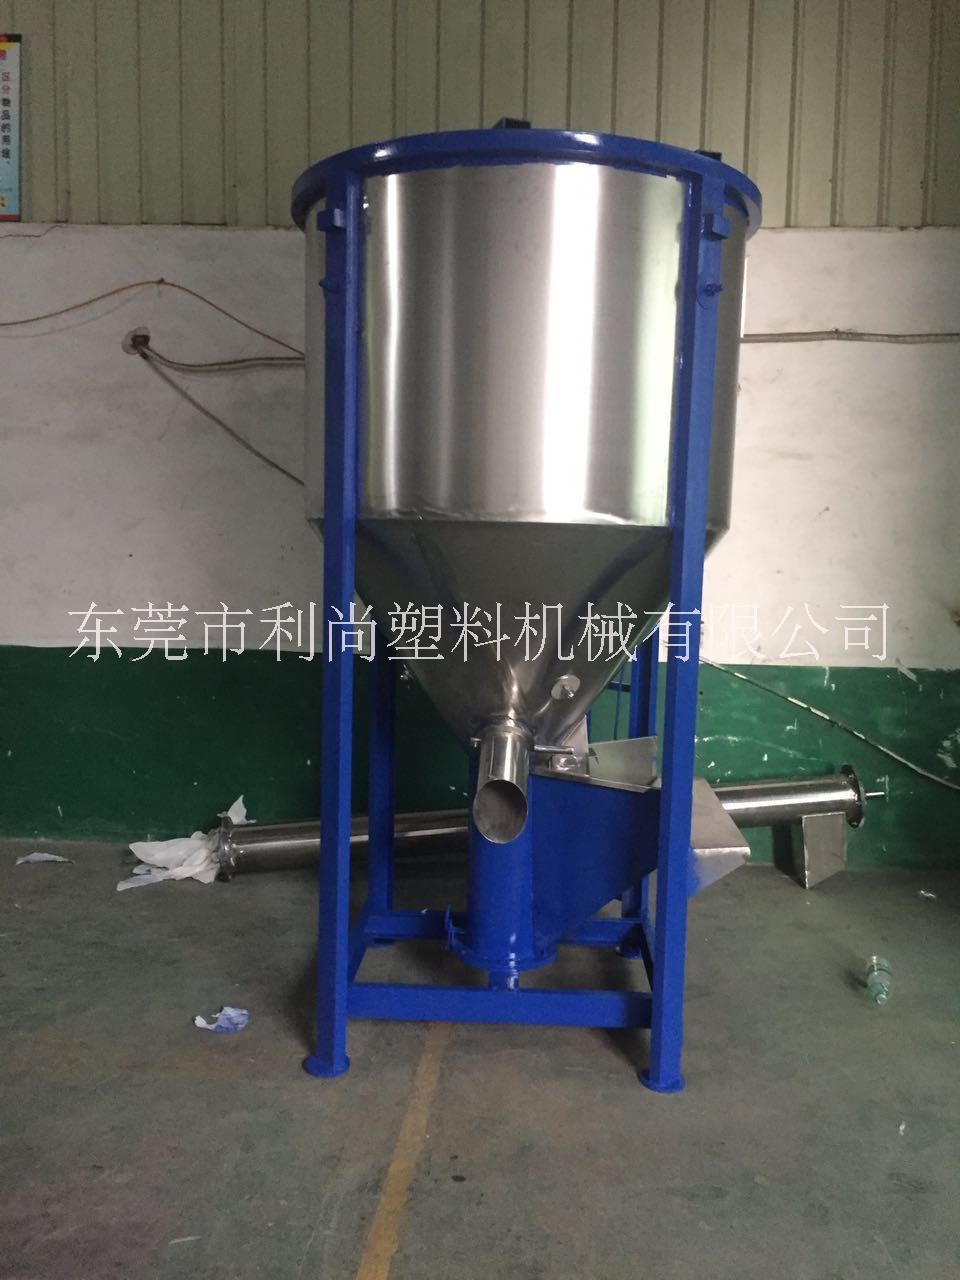 供应3000公斤立式搅拌机,拌料机、混合机、混色机、卧式利尚机械